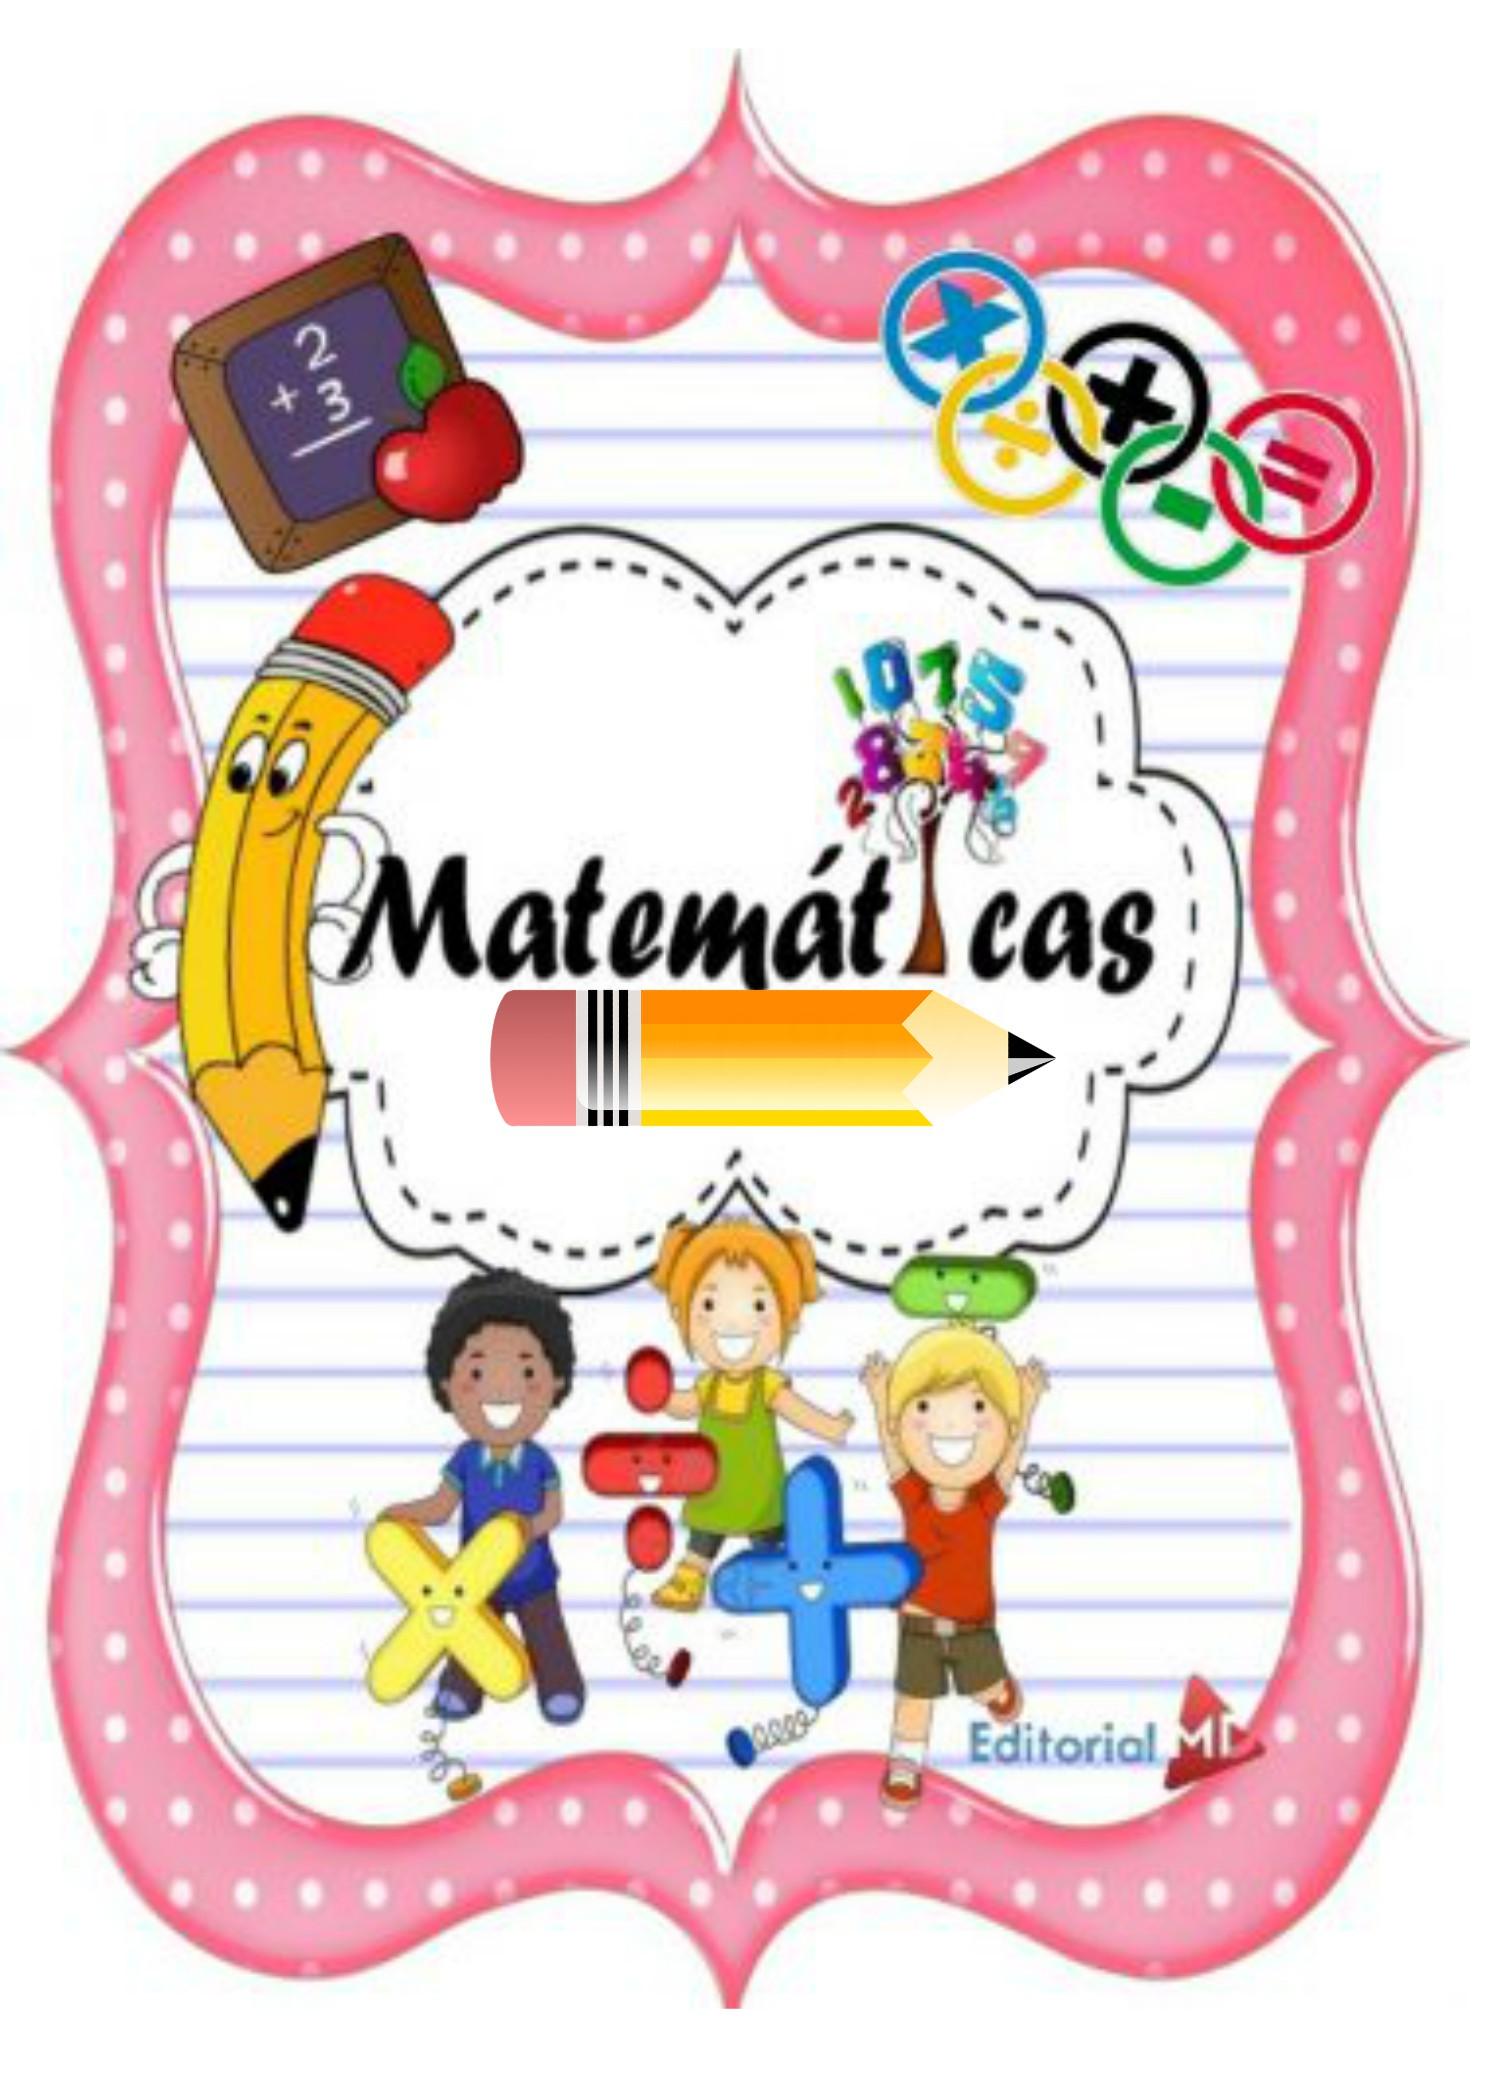 Caratulas de matematicas1